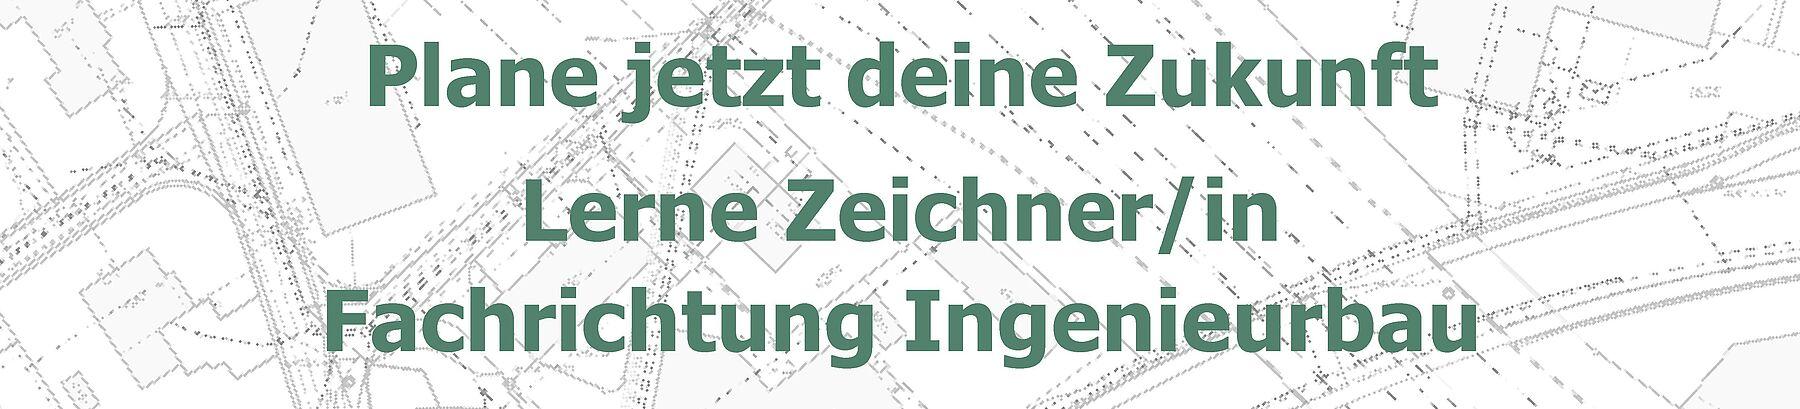 Plane jetzt deine Zukunft. Lerne Zeichner/in Fachrichtung Ingenieurbau. www.gepa.ch